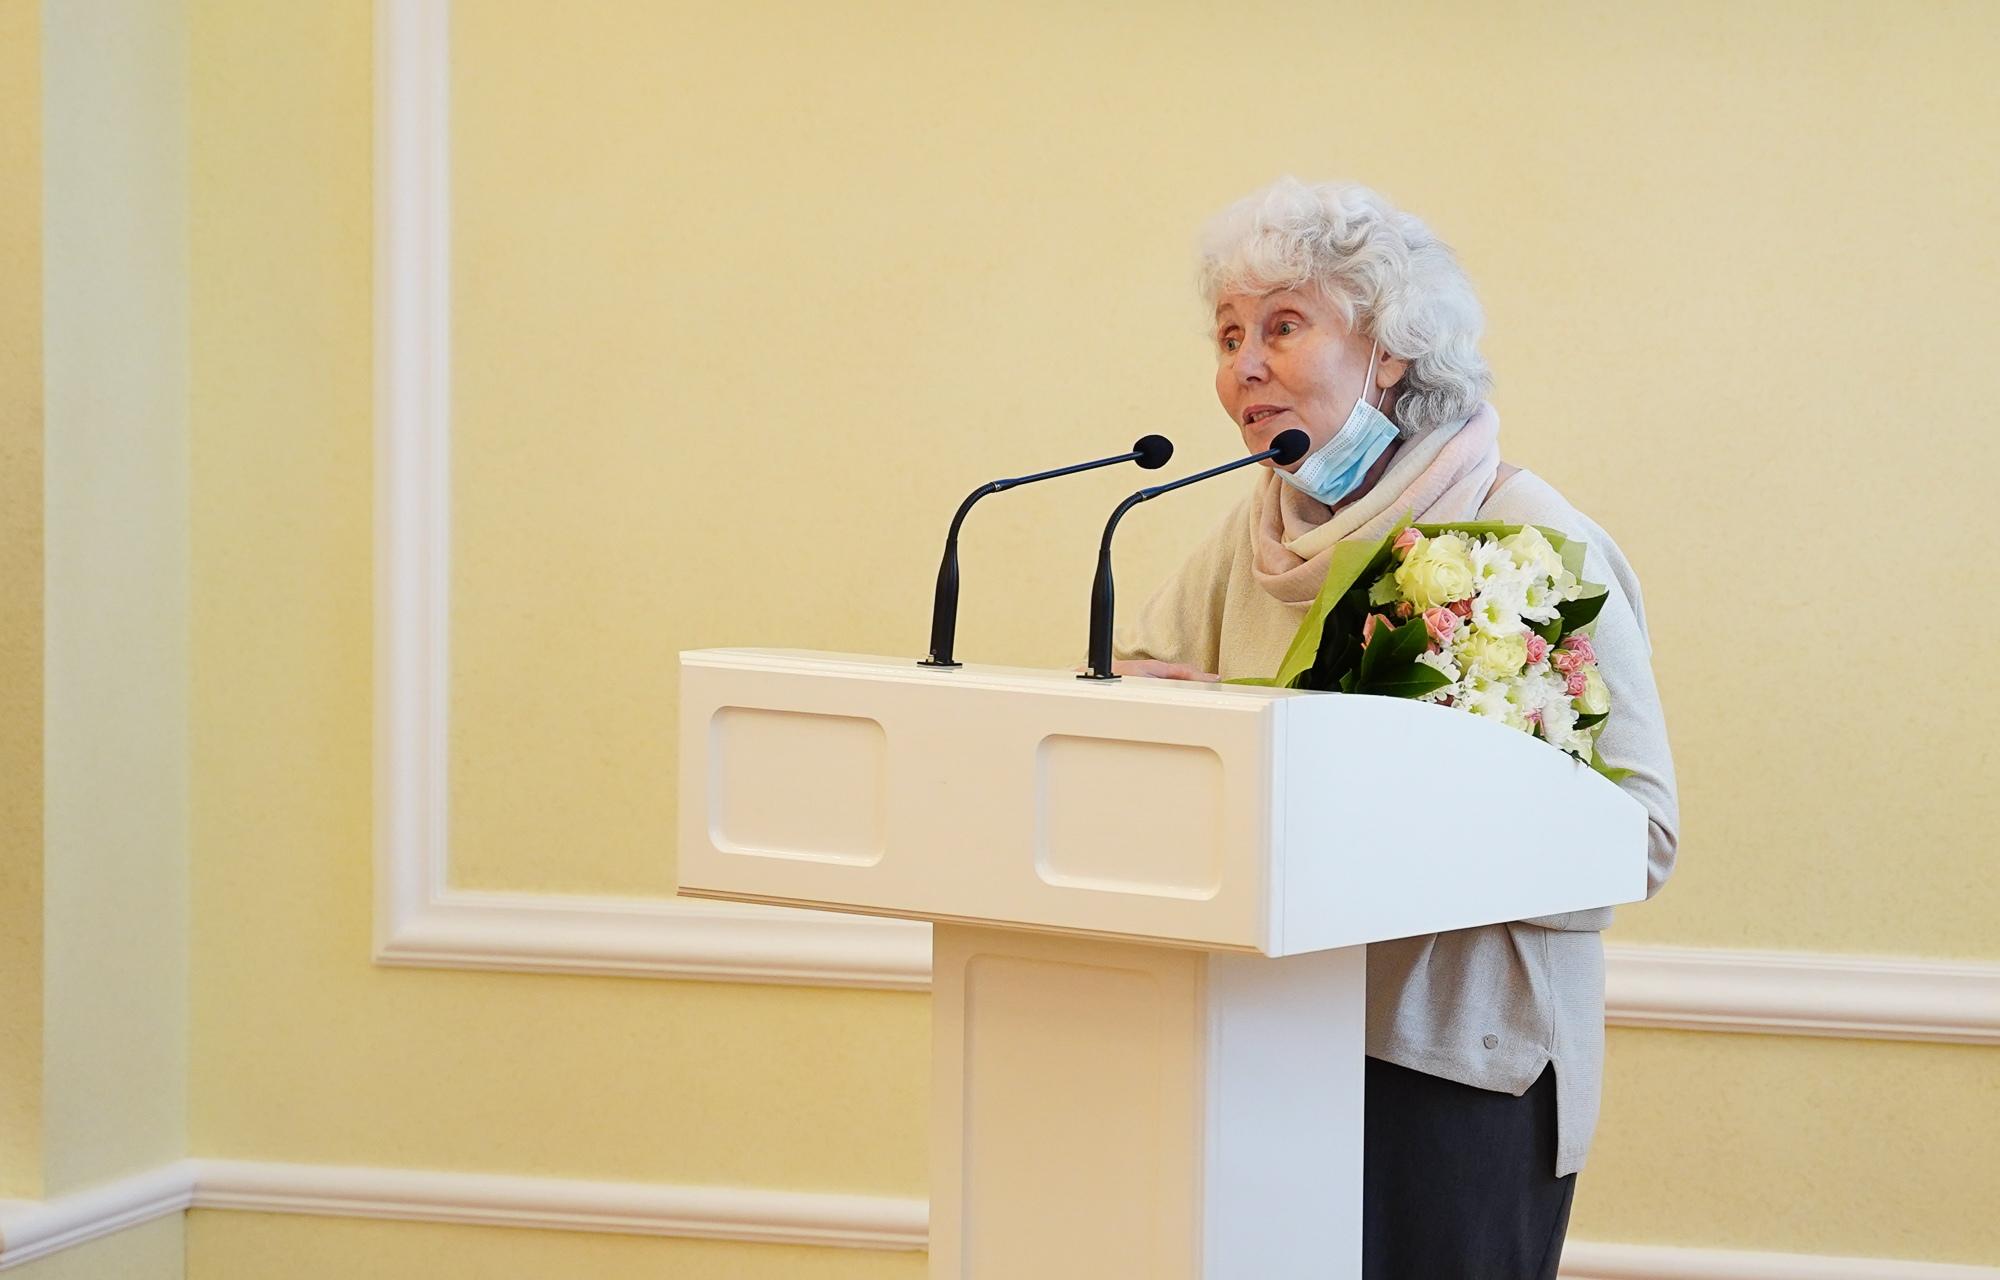 Кира Антонова стала первым Почётным журналистом Тверской области